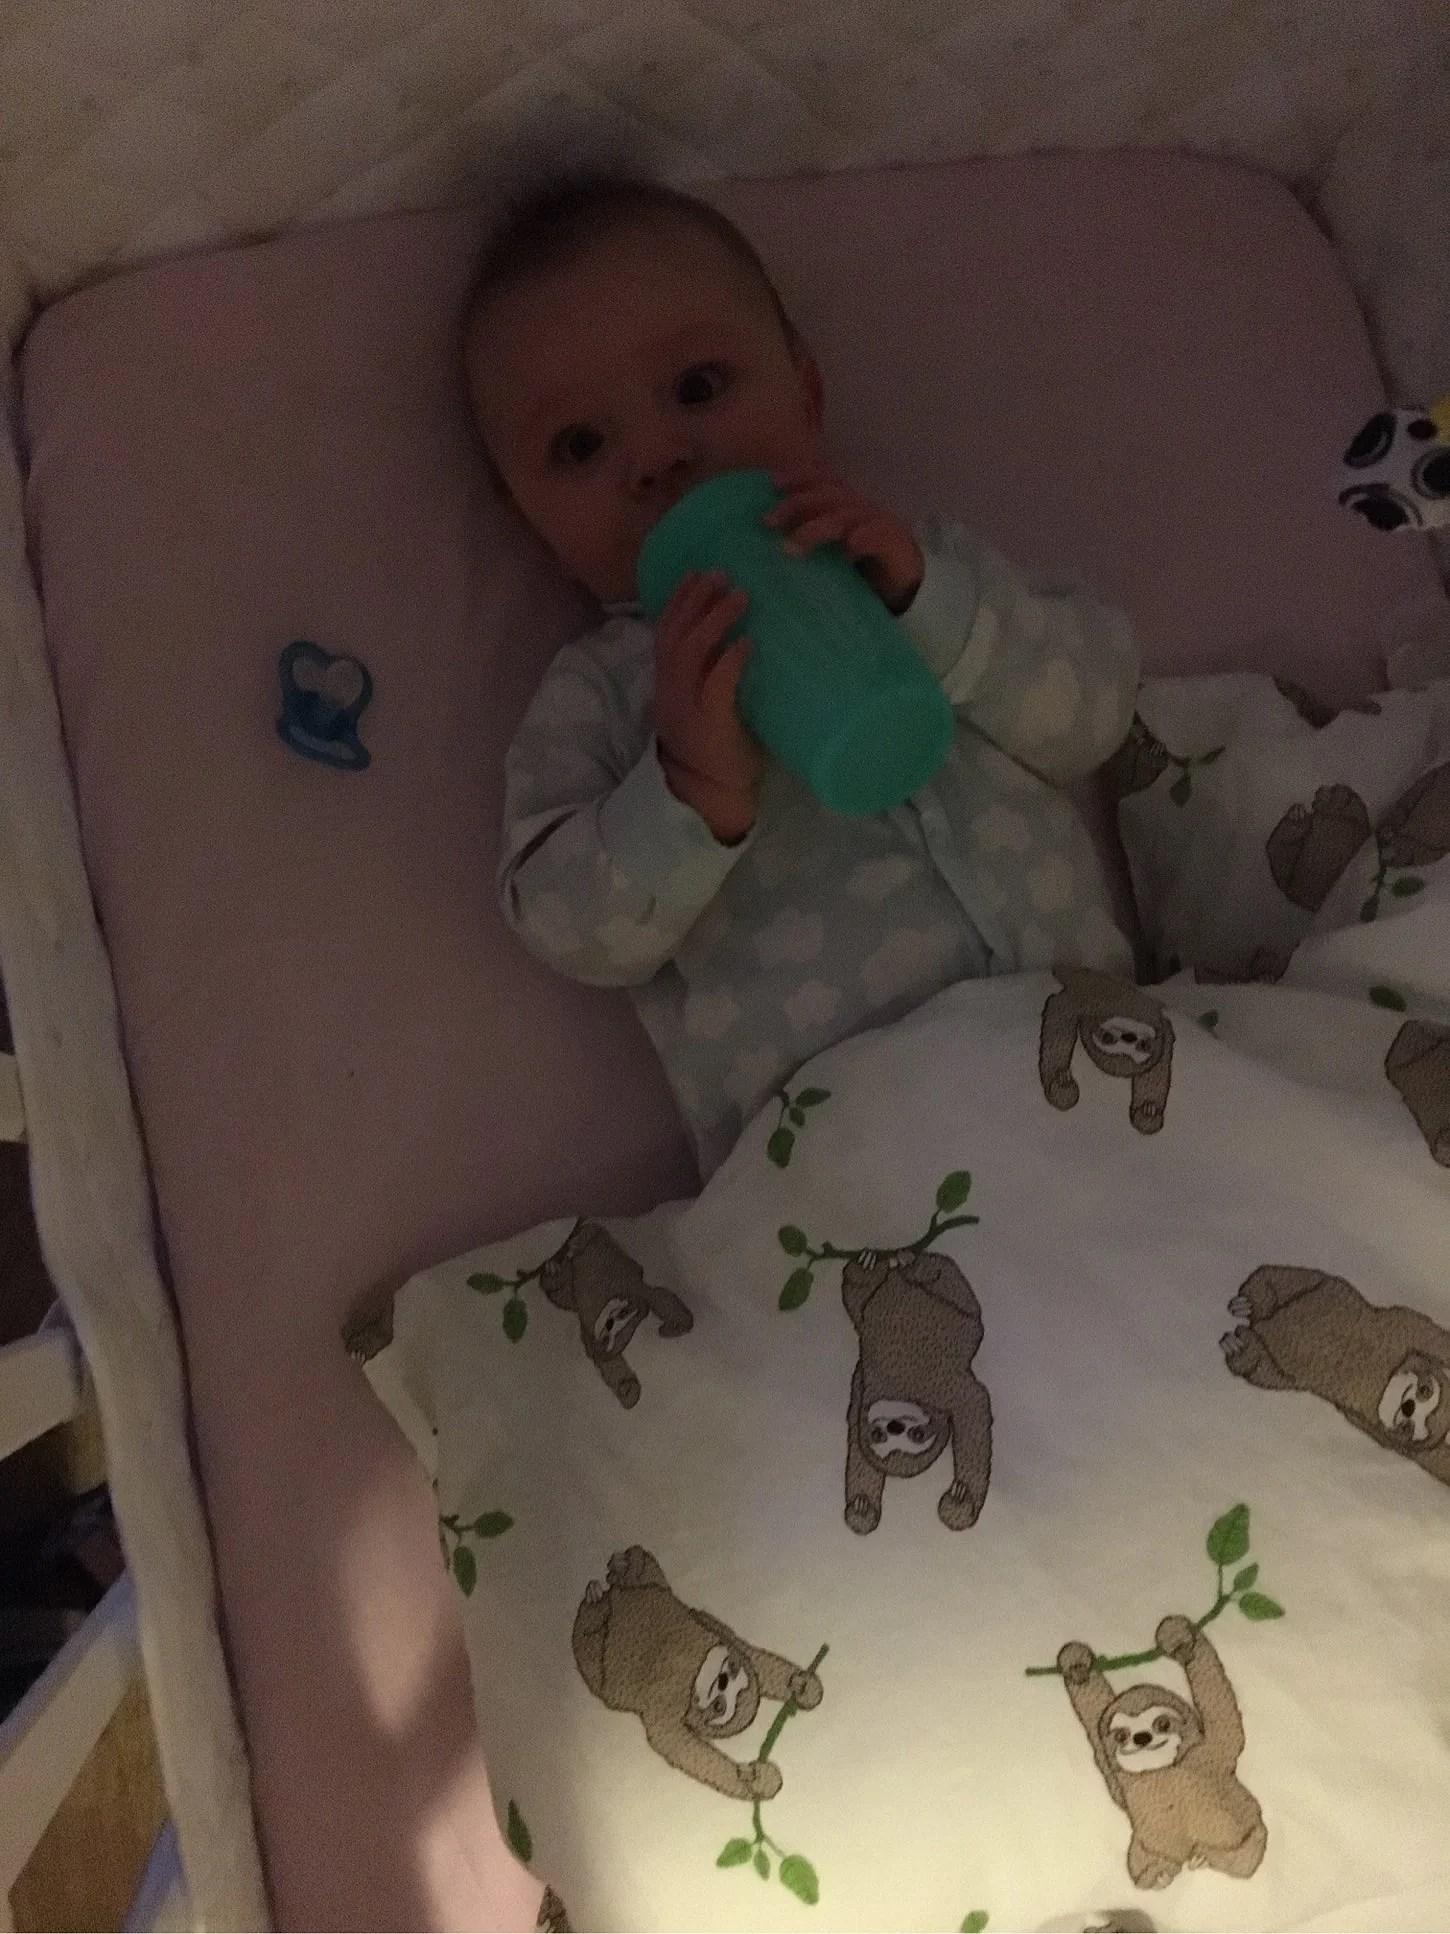 Loui somnar i sin säng nu